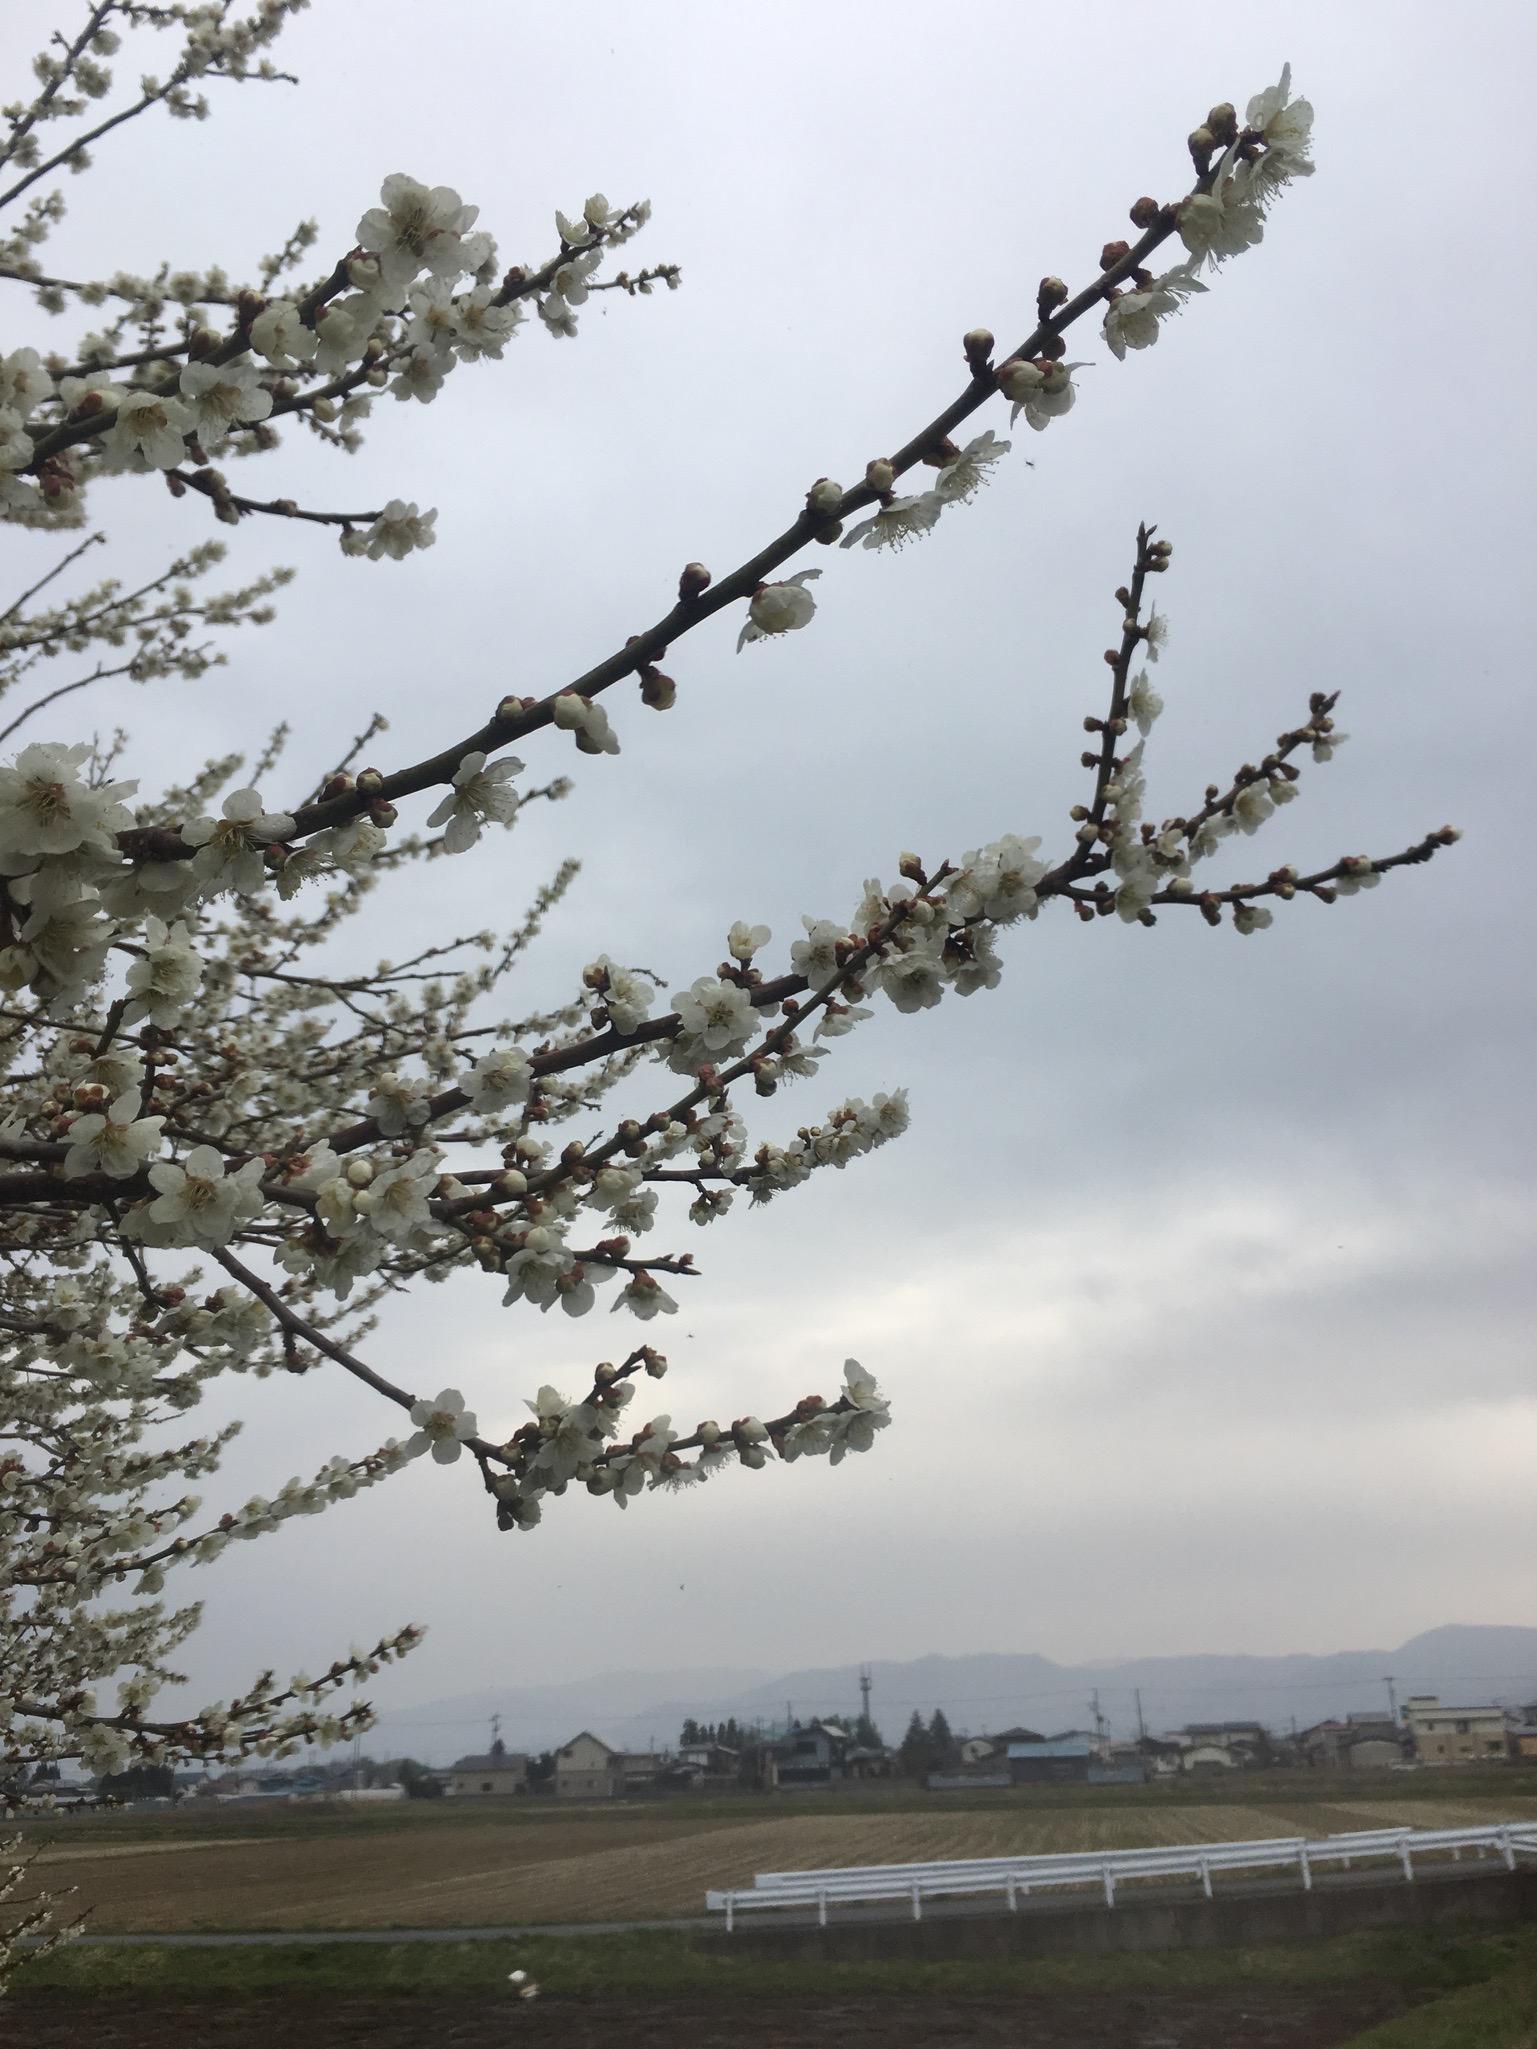 綺麗に咲いた梅の木